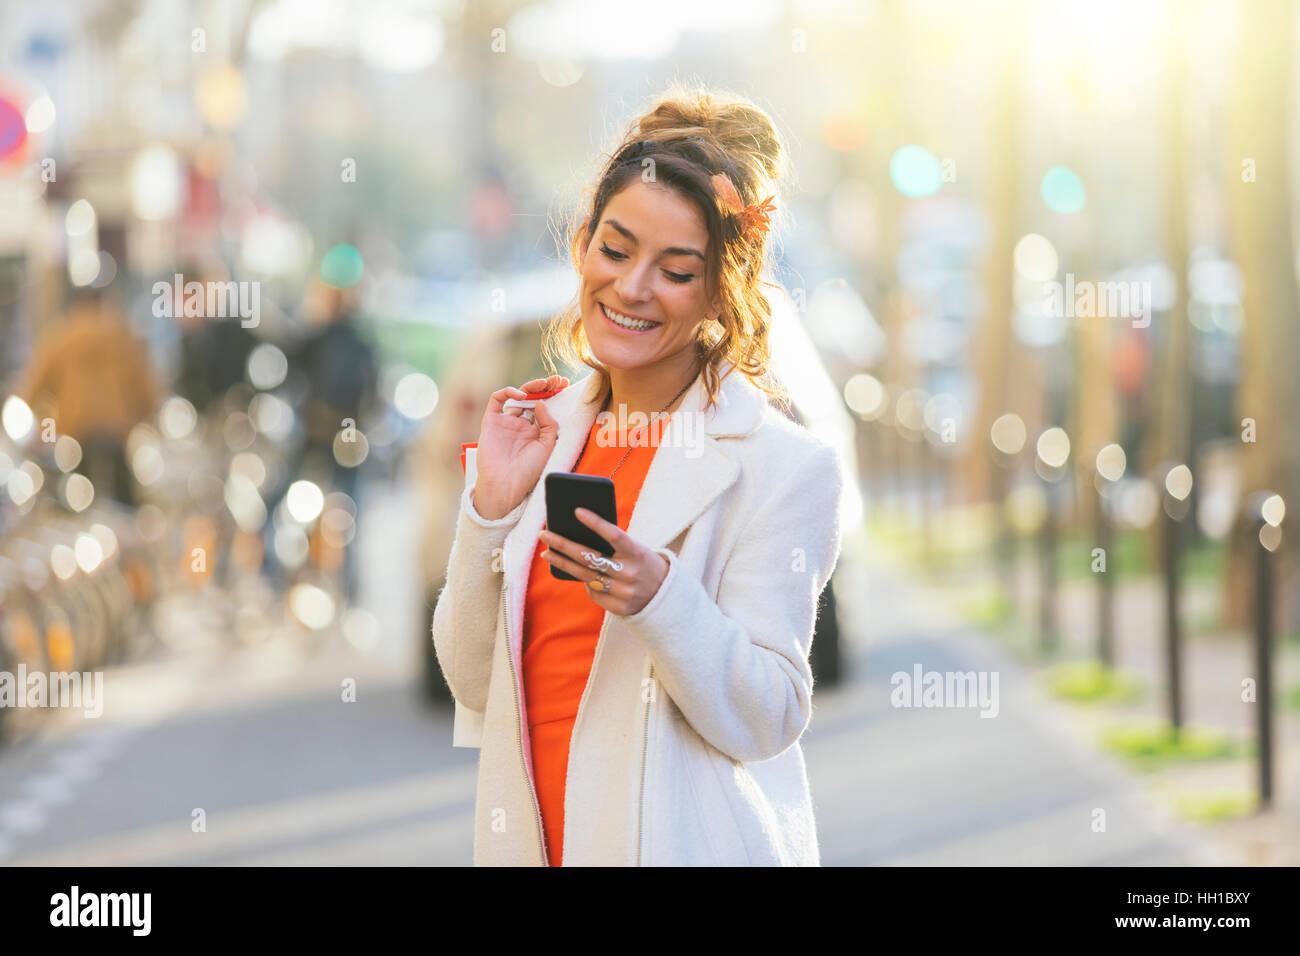 Paris, femme à l'aide de smart phone in street Photo Stock